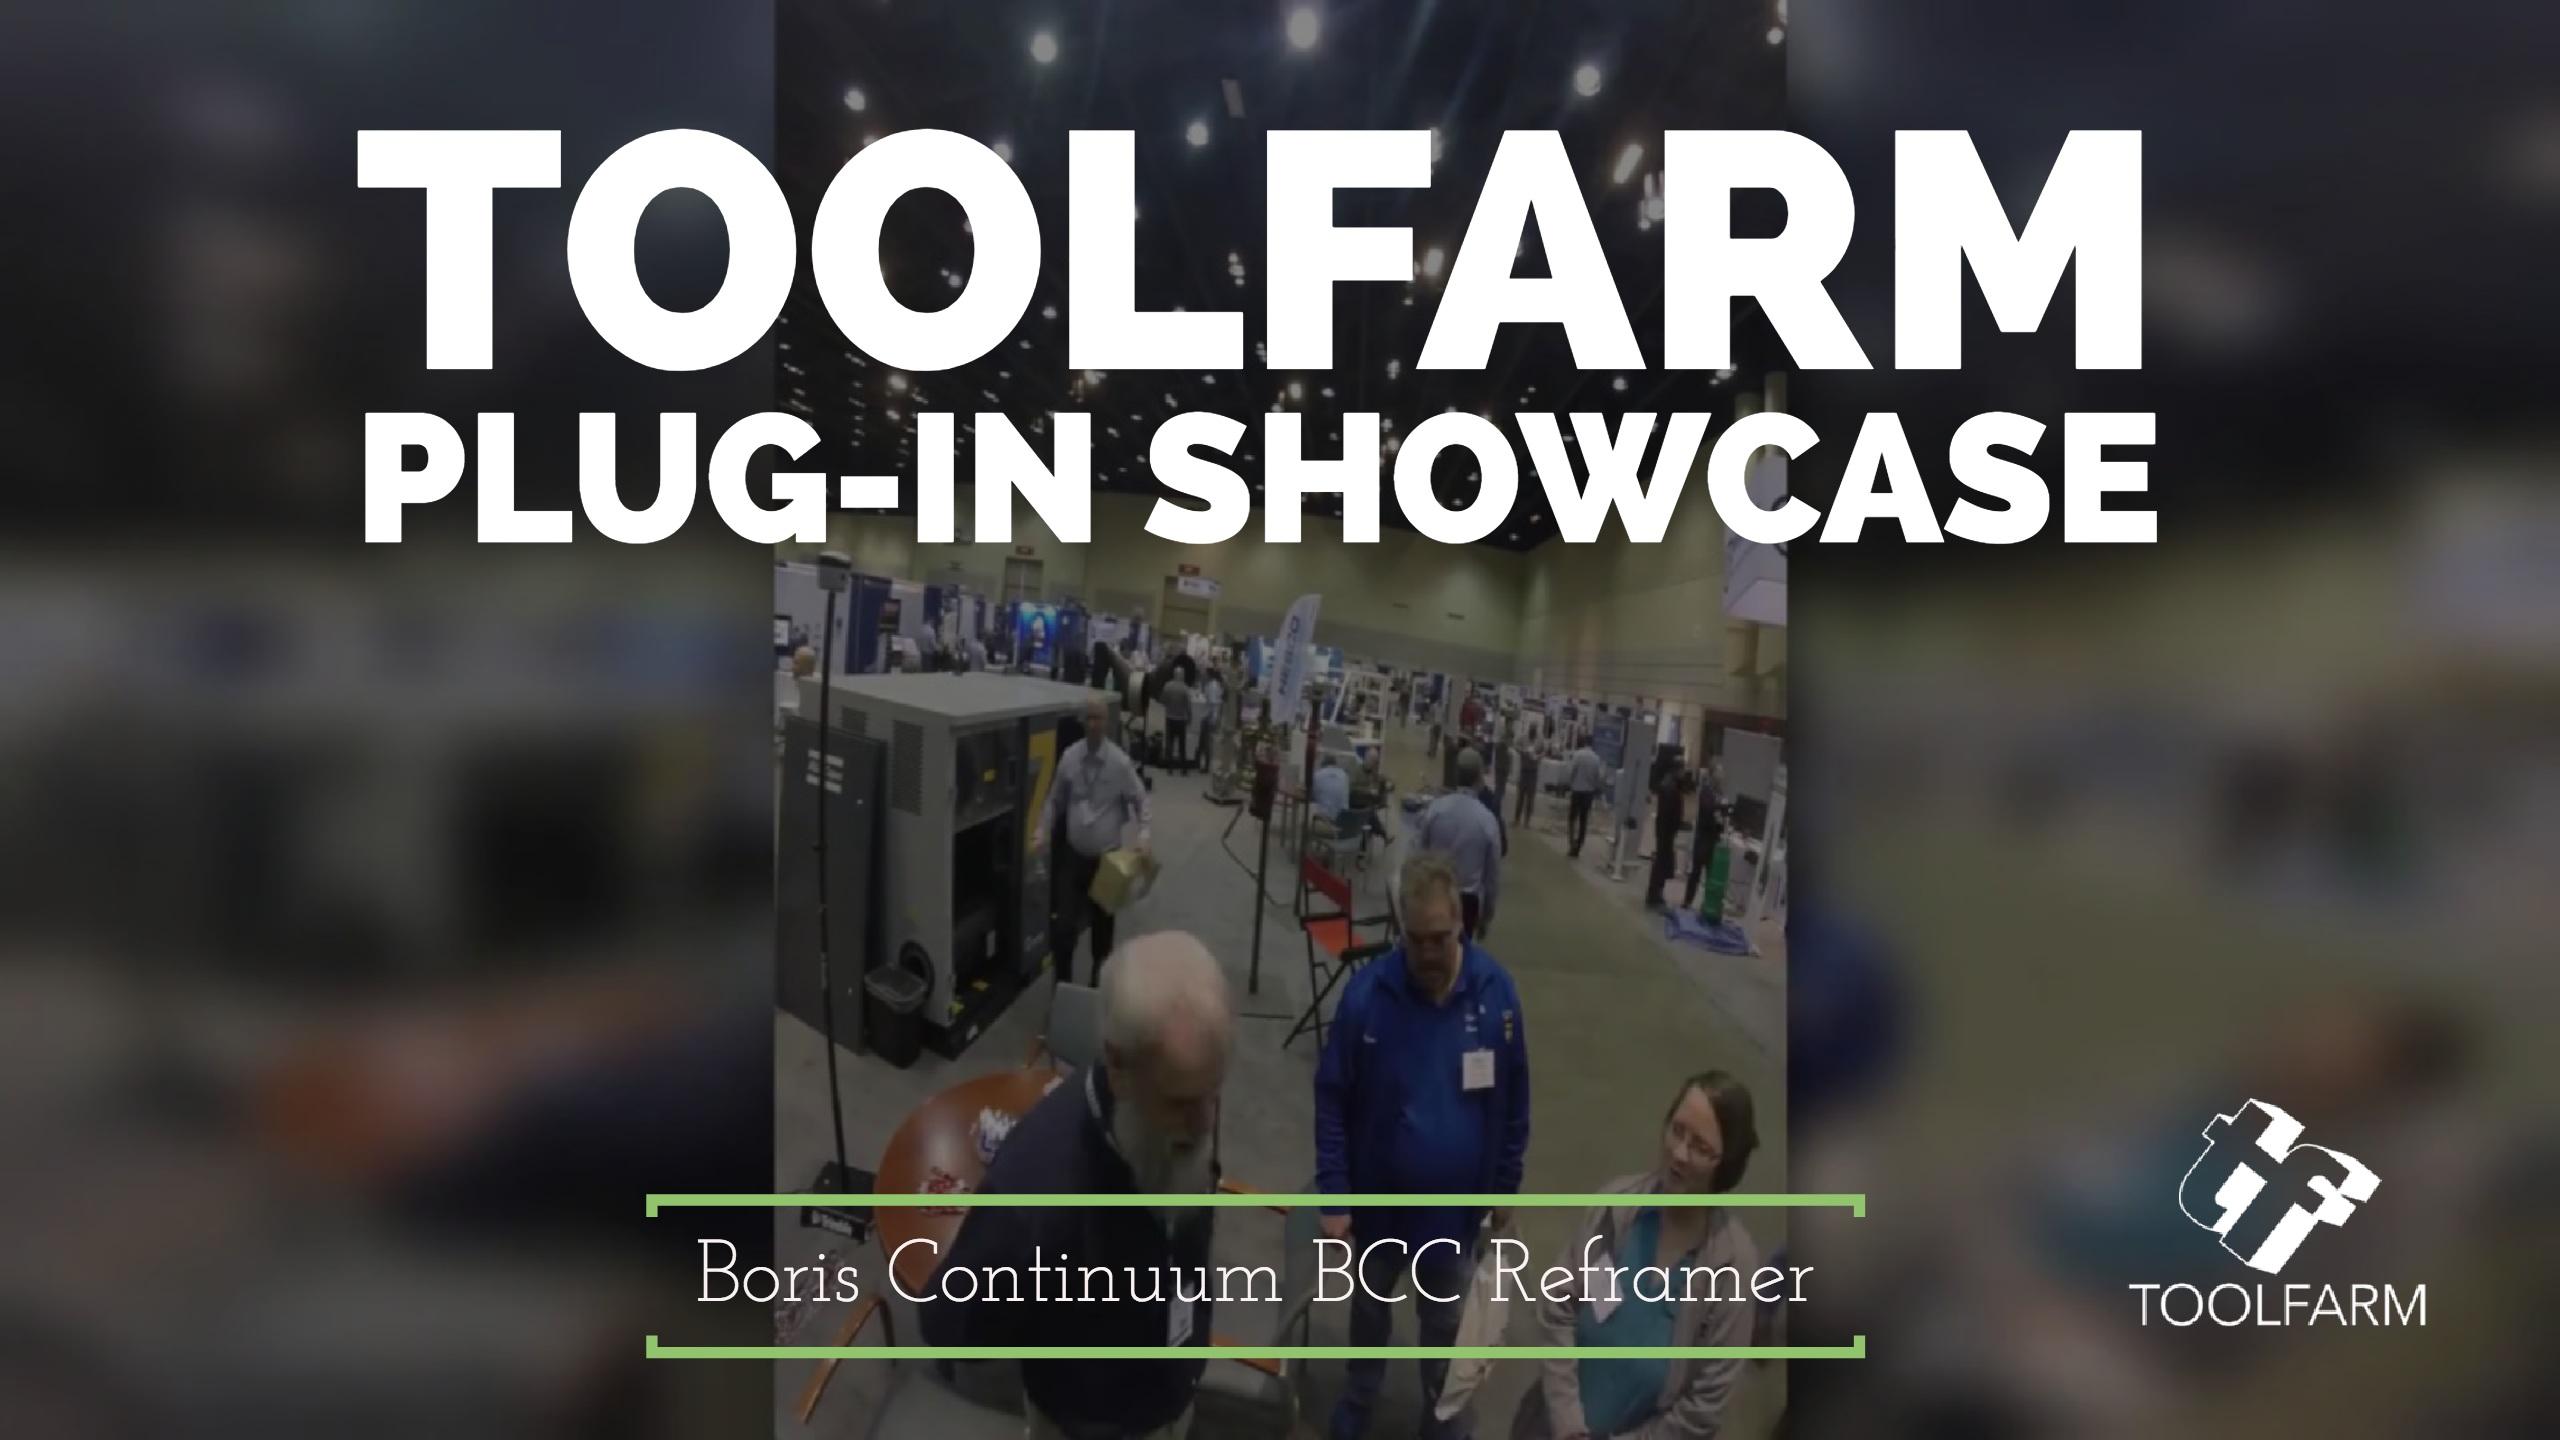 Boris Continuum BCC Reframer